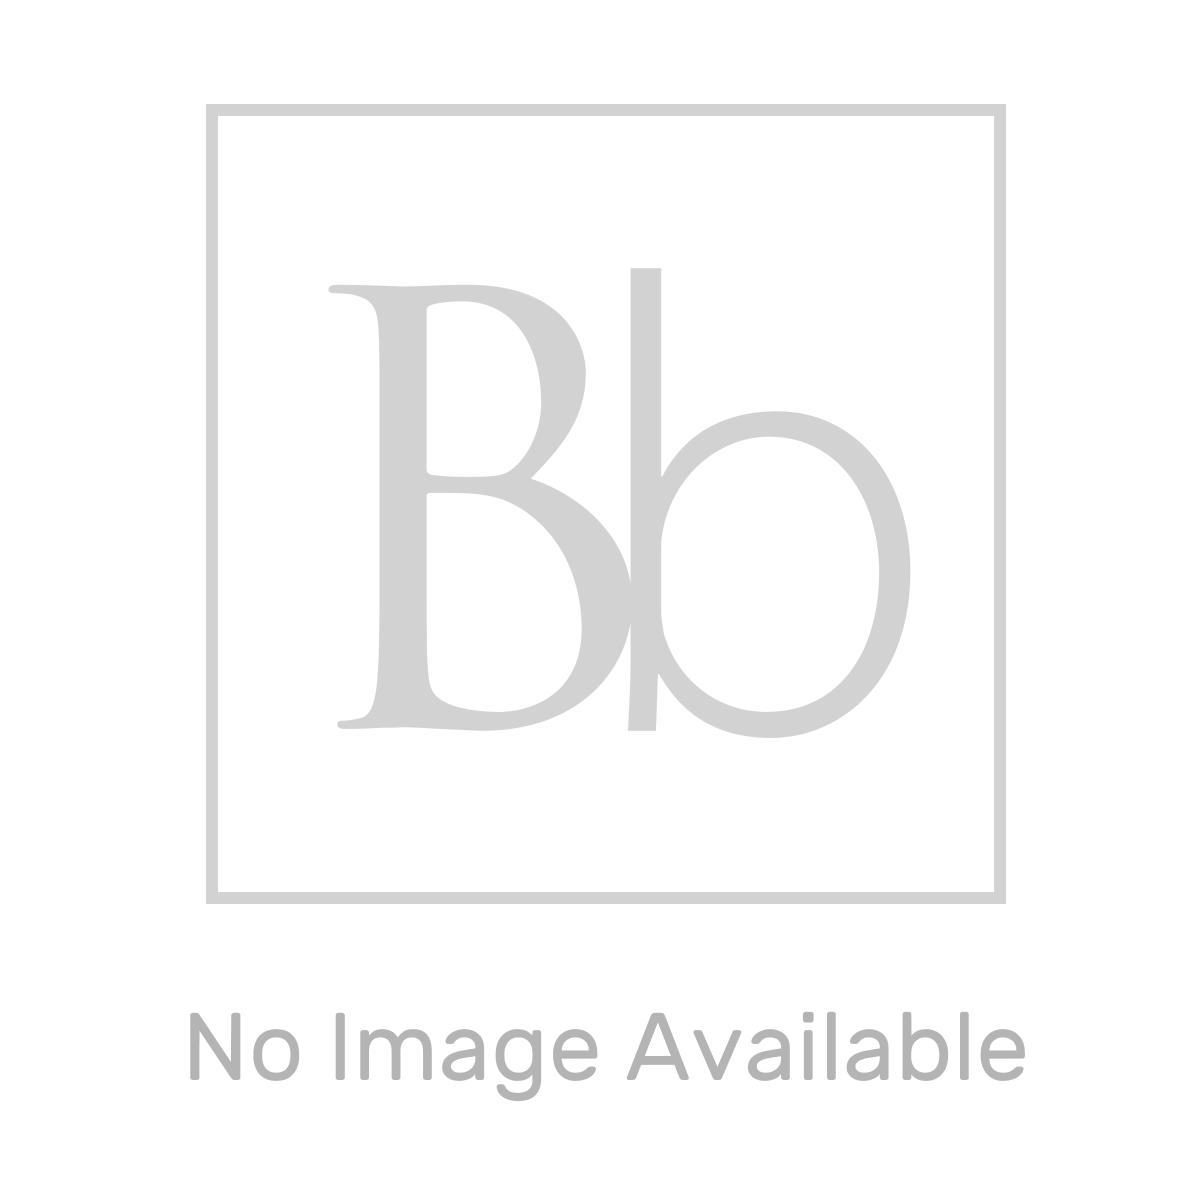 RAK Ecofix Chrome Flush Plate with Round Push Buttons Measurements